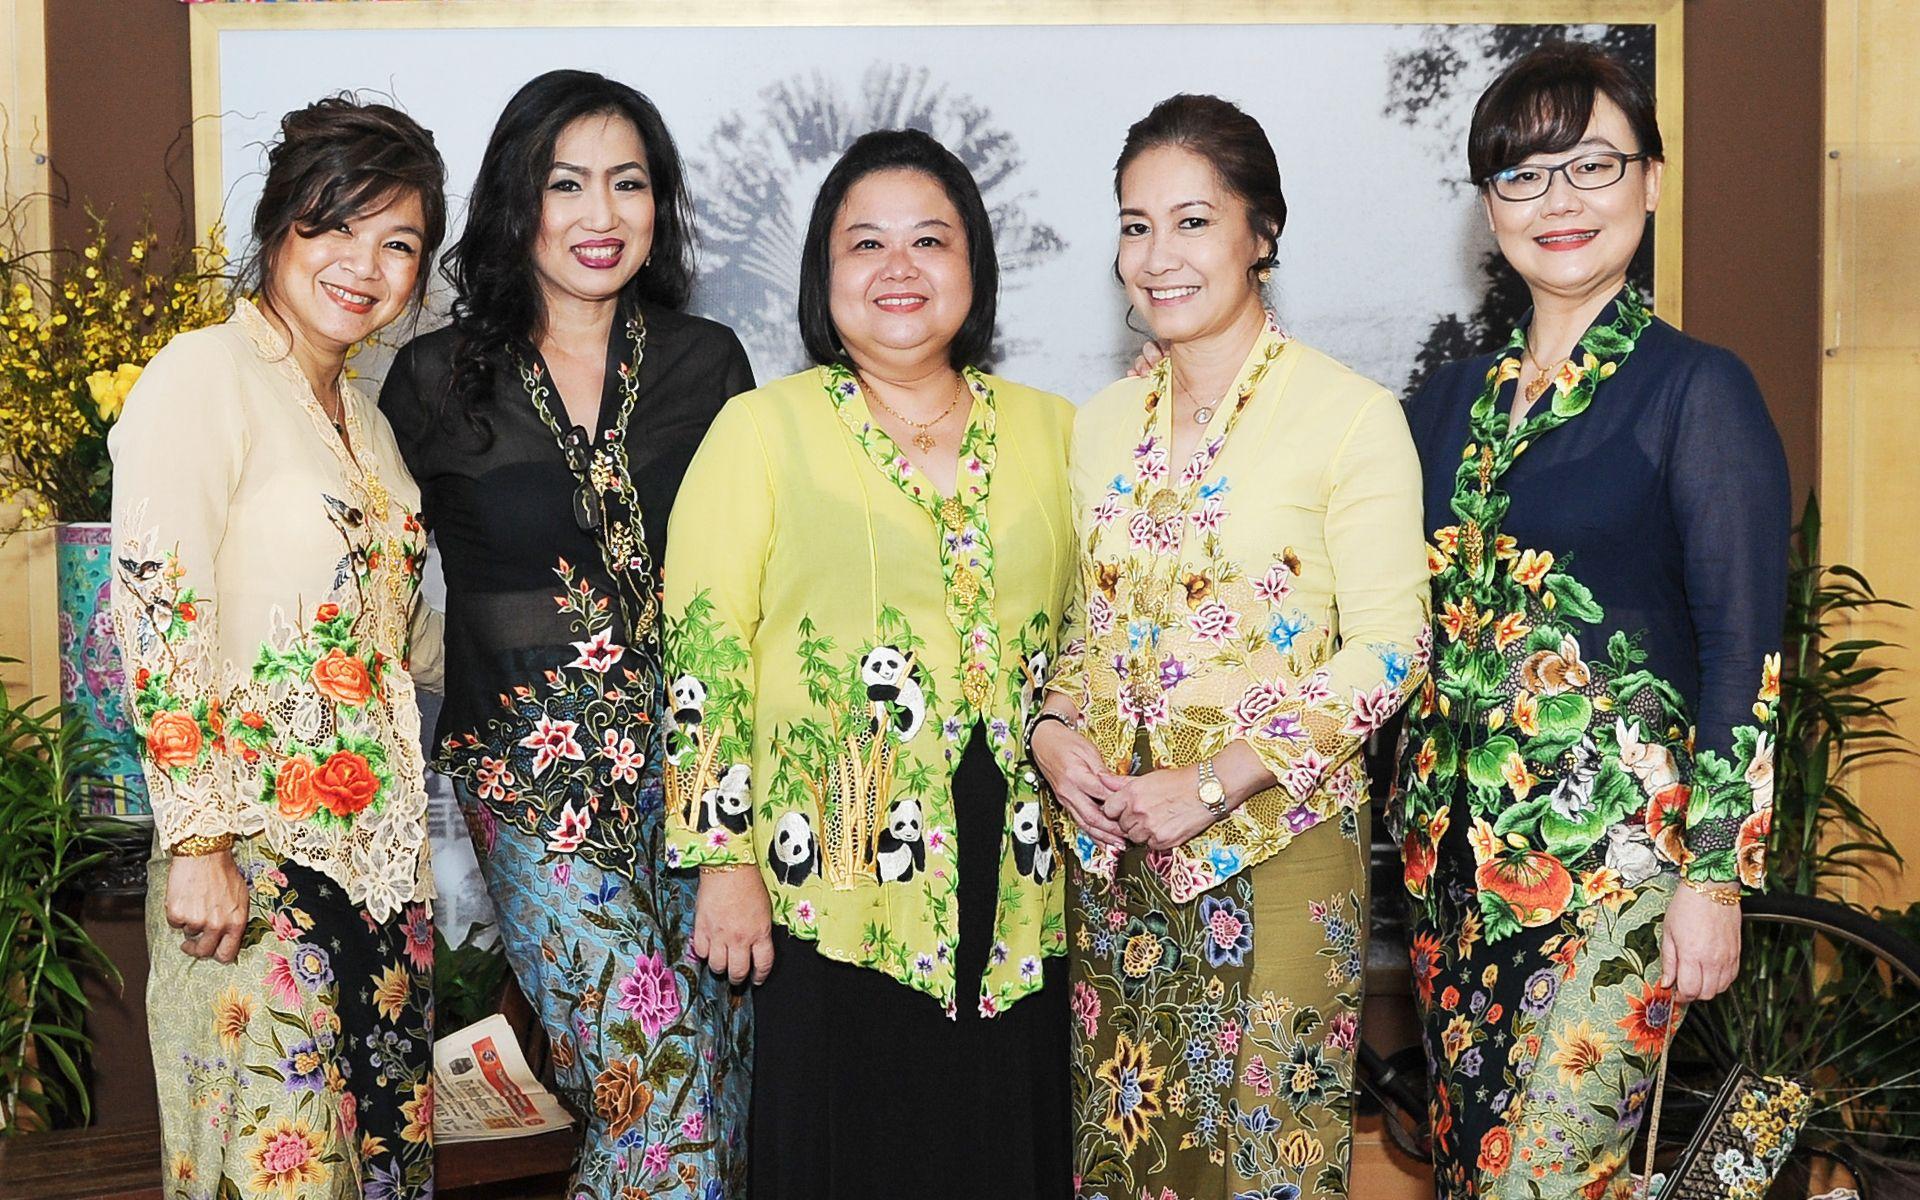 Debbie Teoh, Emily Chua, Nancy Peng, Emily Lim and Doreen Wong